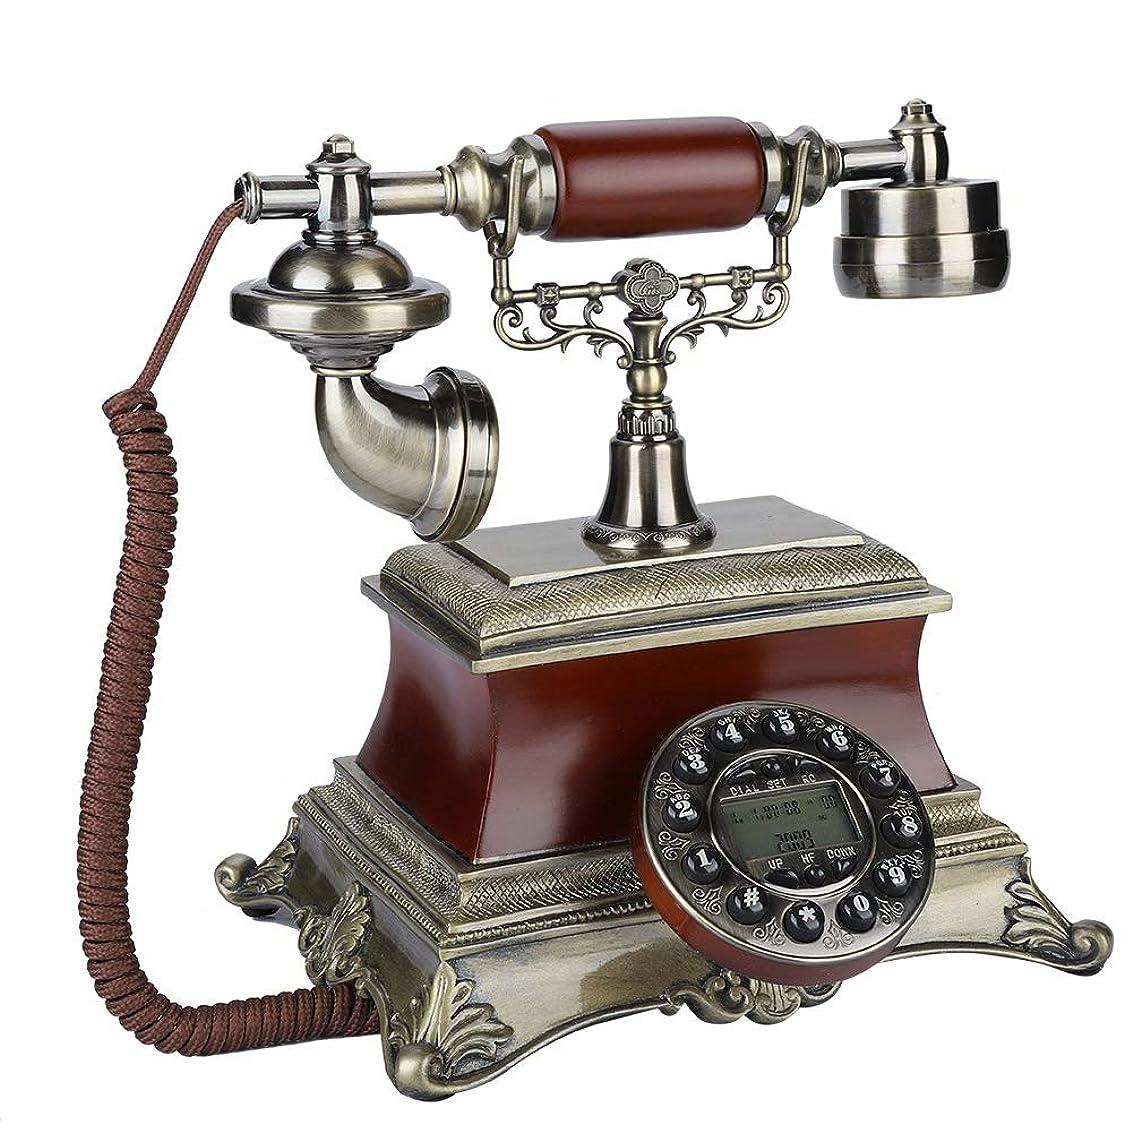 白雪姫実用的広大なレトロ電話機 VBESTLIFE FSK/DTMFシステム 骨董品 重厚感溢れる ブロンズカラー 素敵な インテリア ヨーロッパ風 レトロ電話機